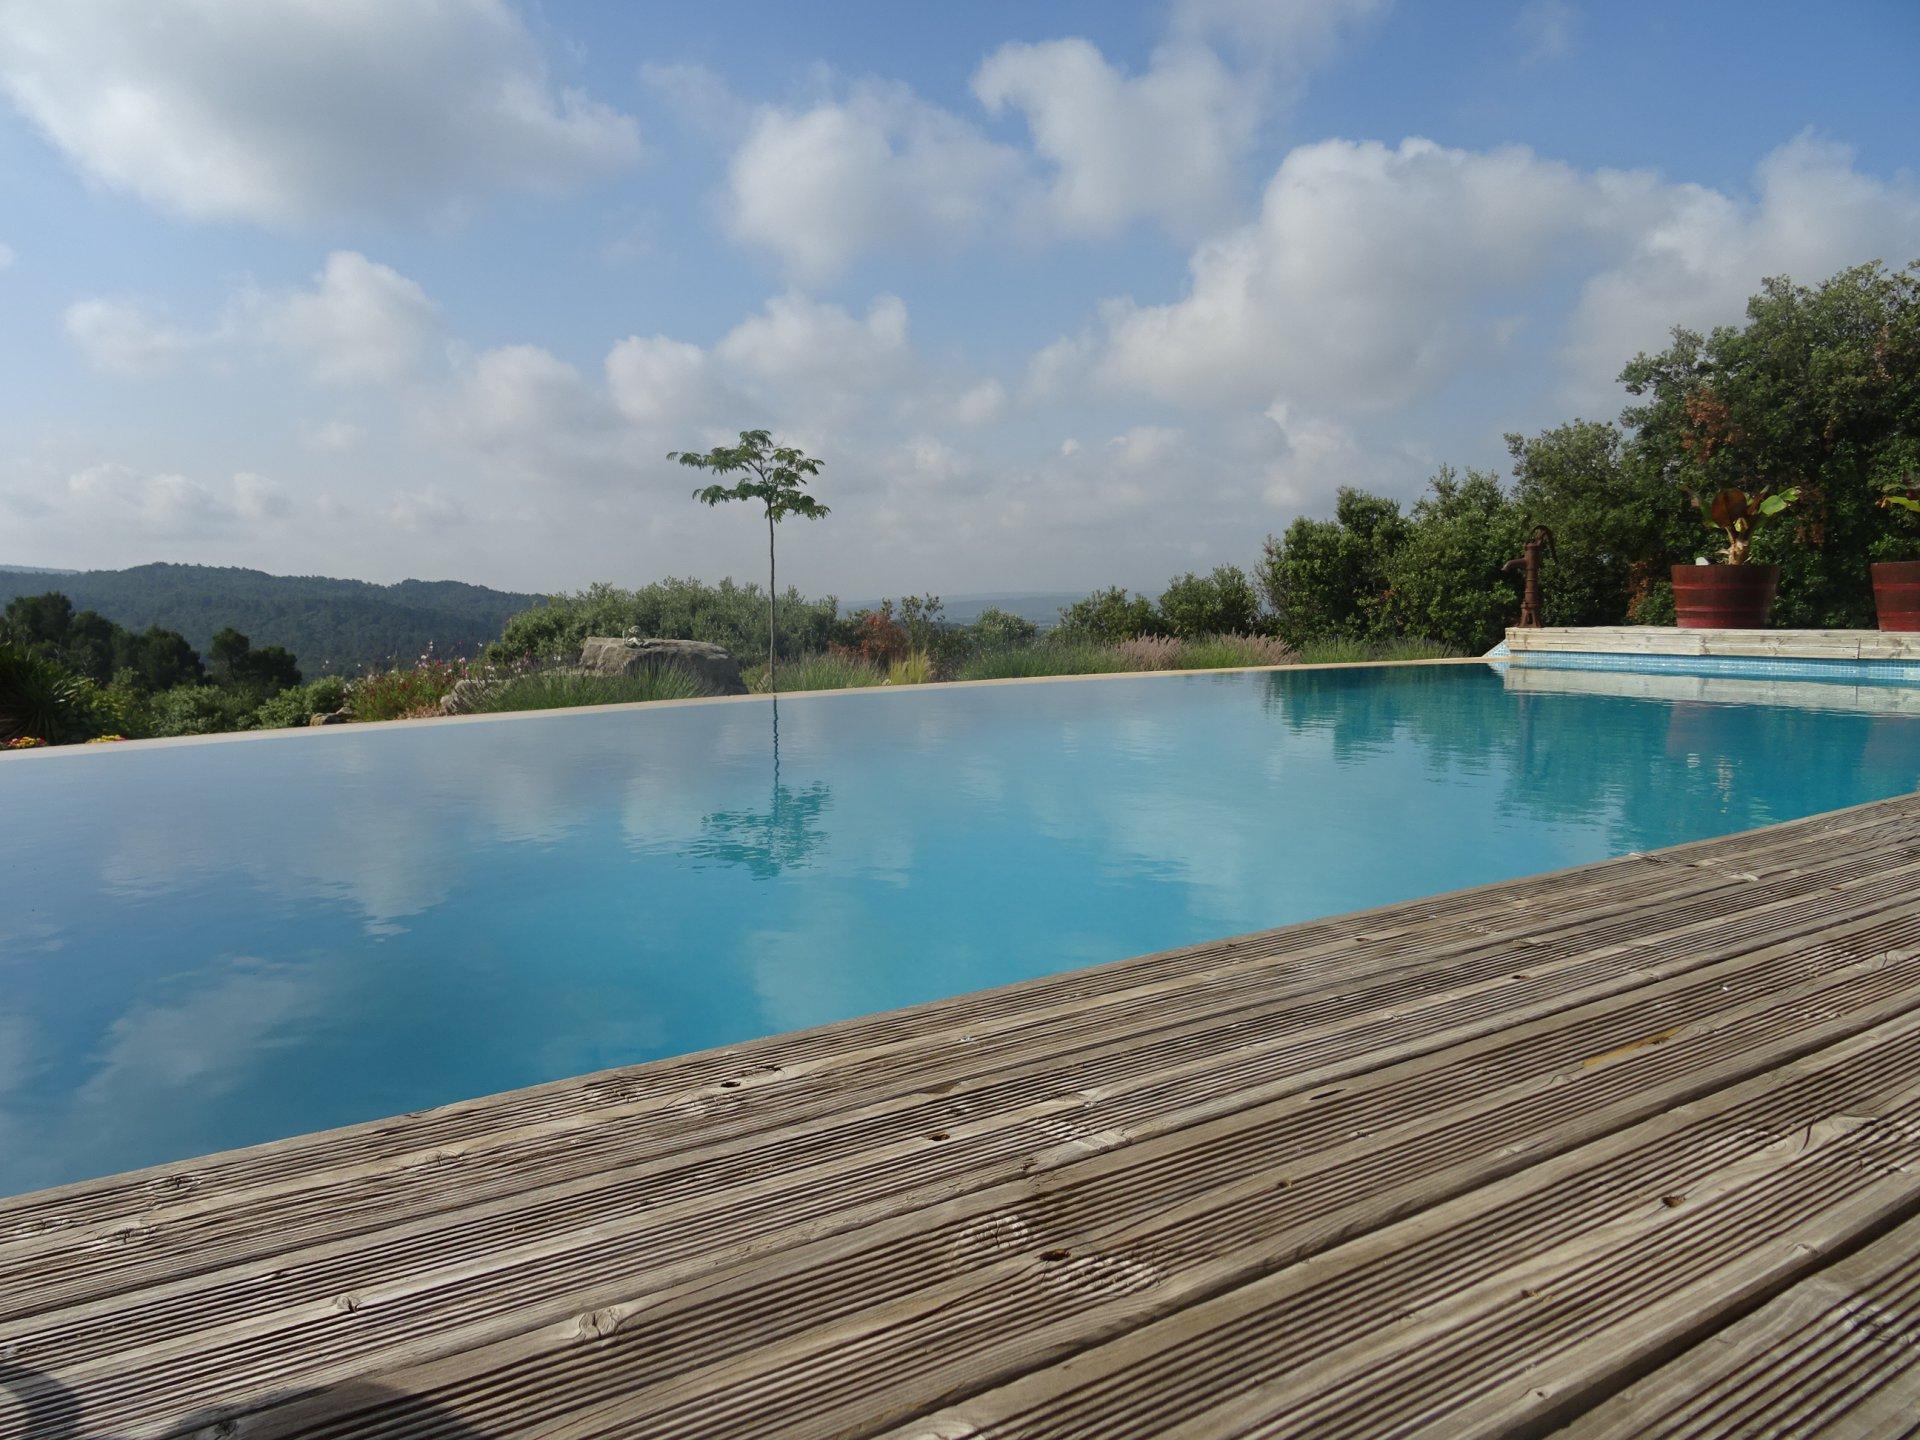 piscine a debordement vue panoramique chaines des pyrenees